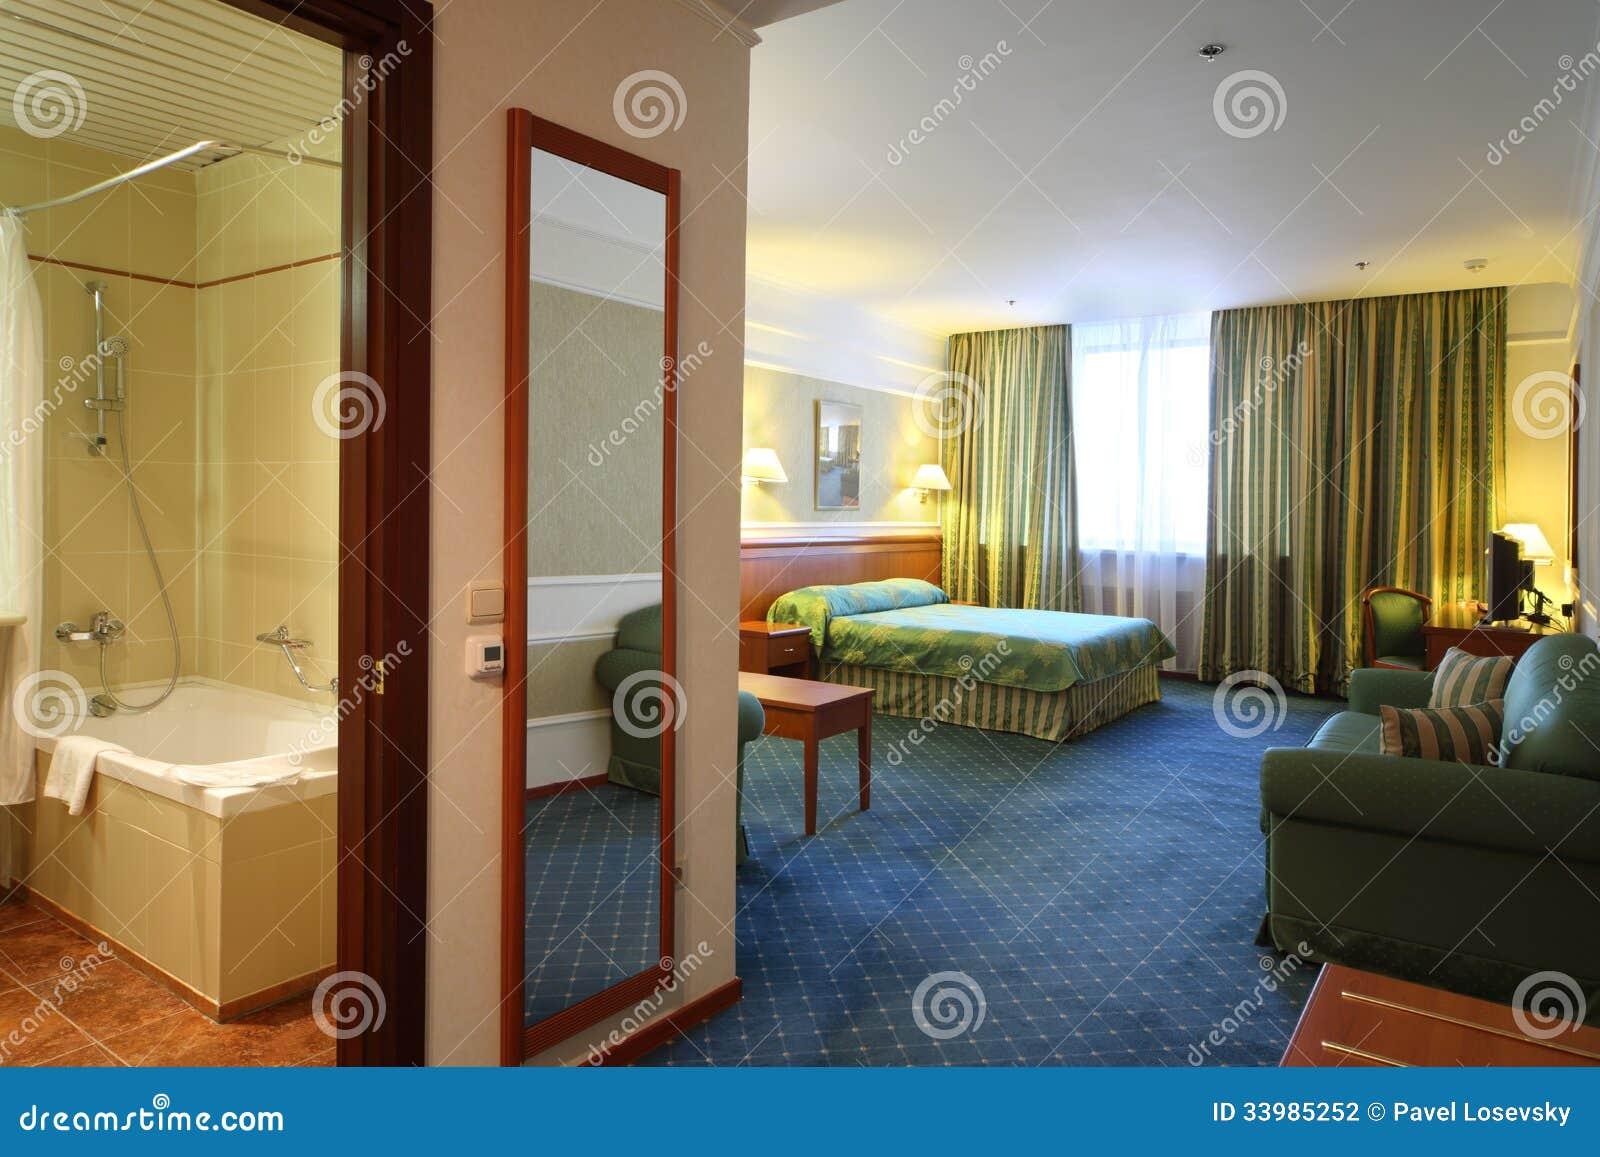 Geöffnete Tür Zum Badezimmer Und Zum Luxuriösen Schlafzimmer ...